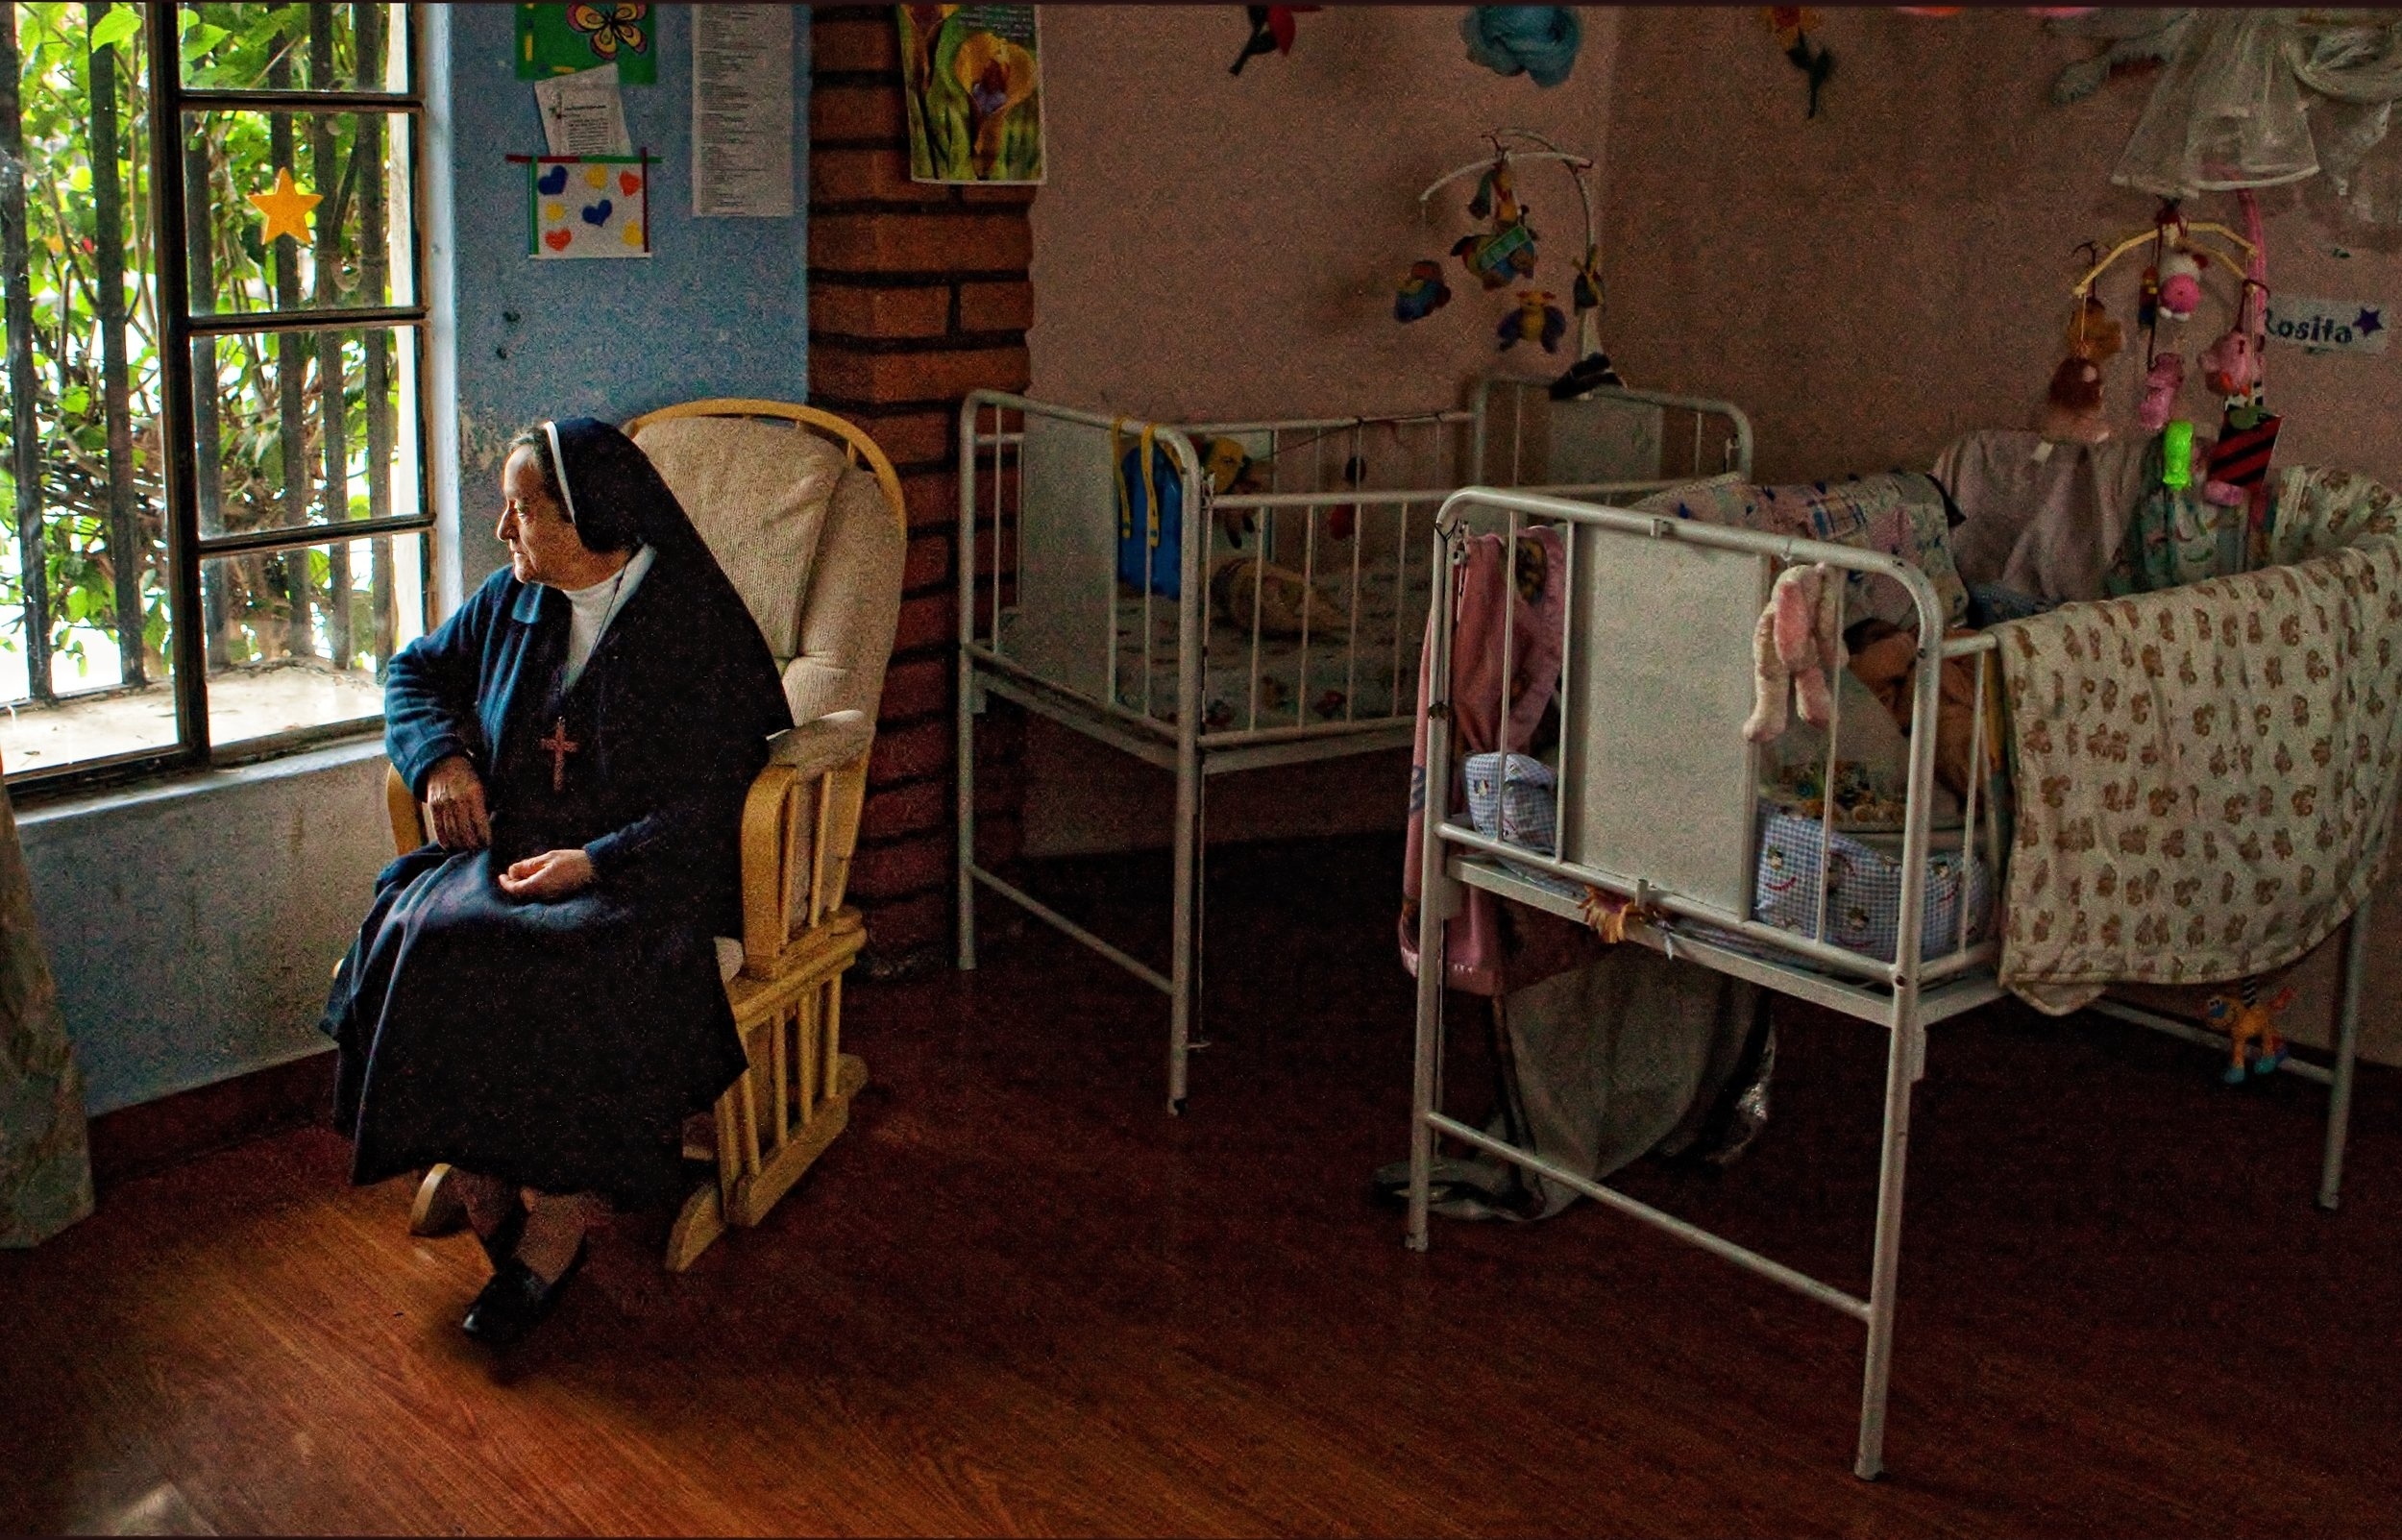 Nun in nursery